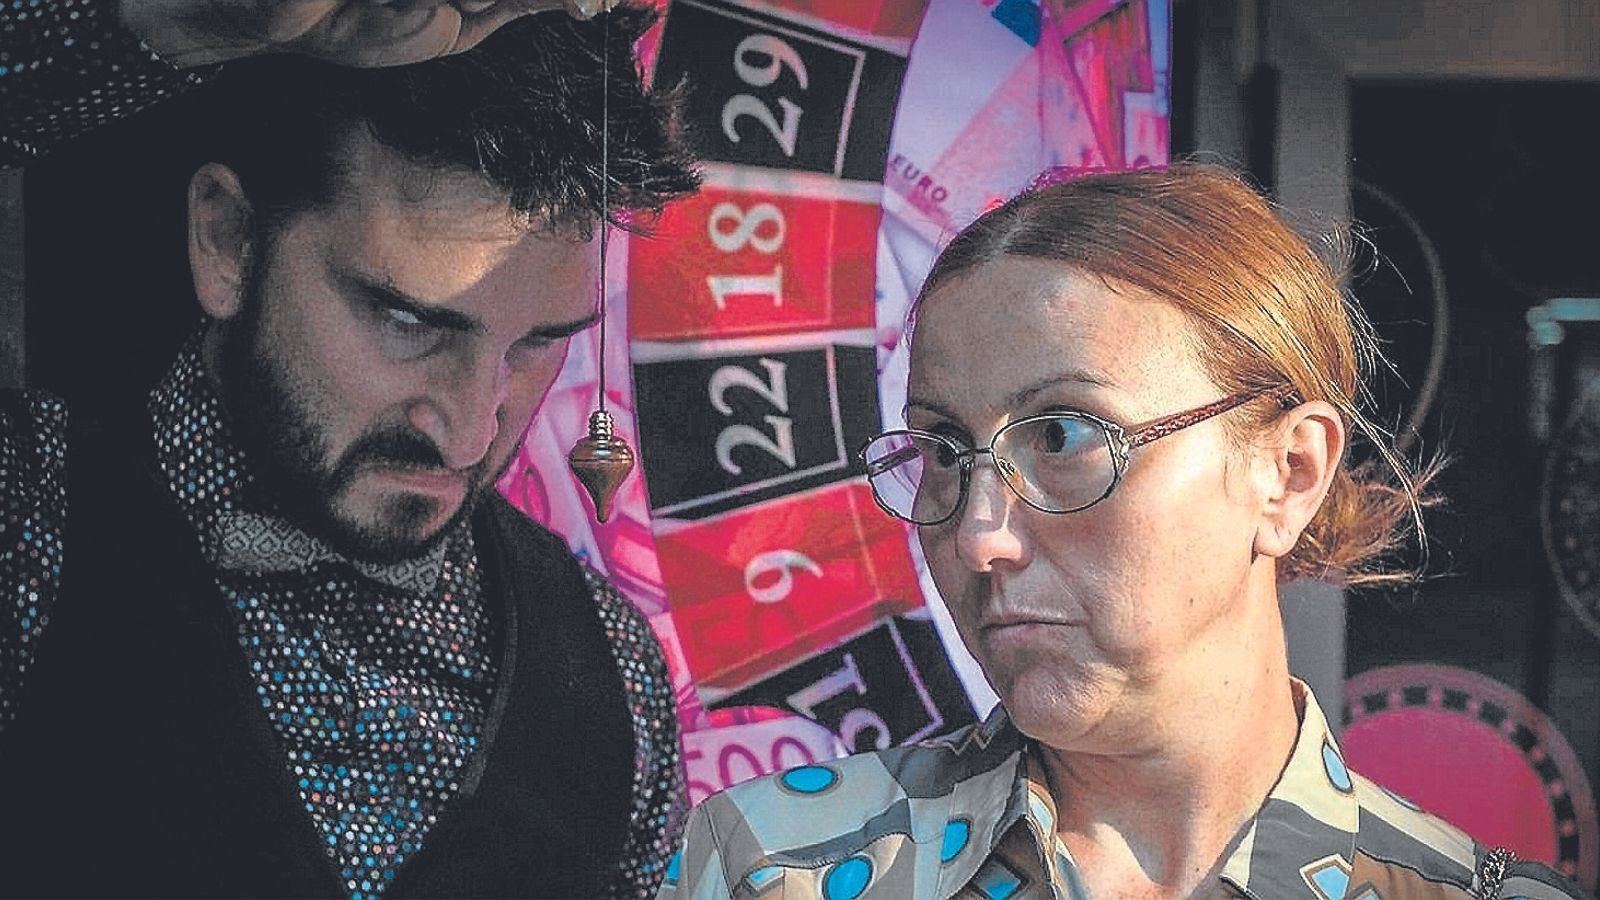 Héctor Seoane i Irene Soler també són el millor de Sessió d'hipnosi, de Maria Antònia Mateu, dirigits per Pau Cirer. / ÒRBITA